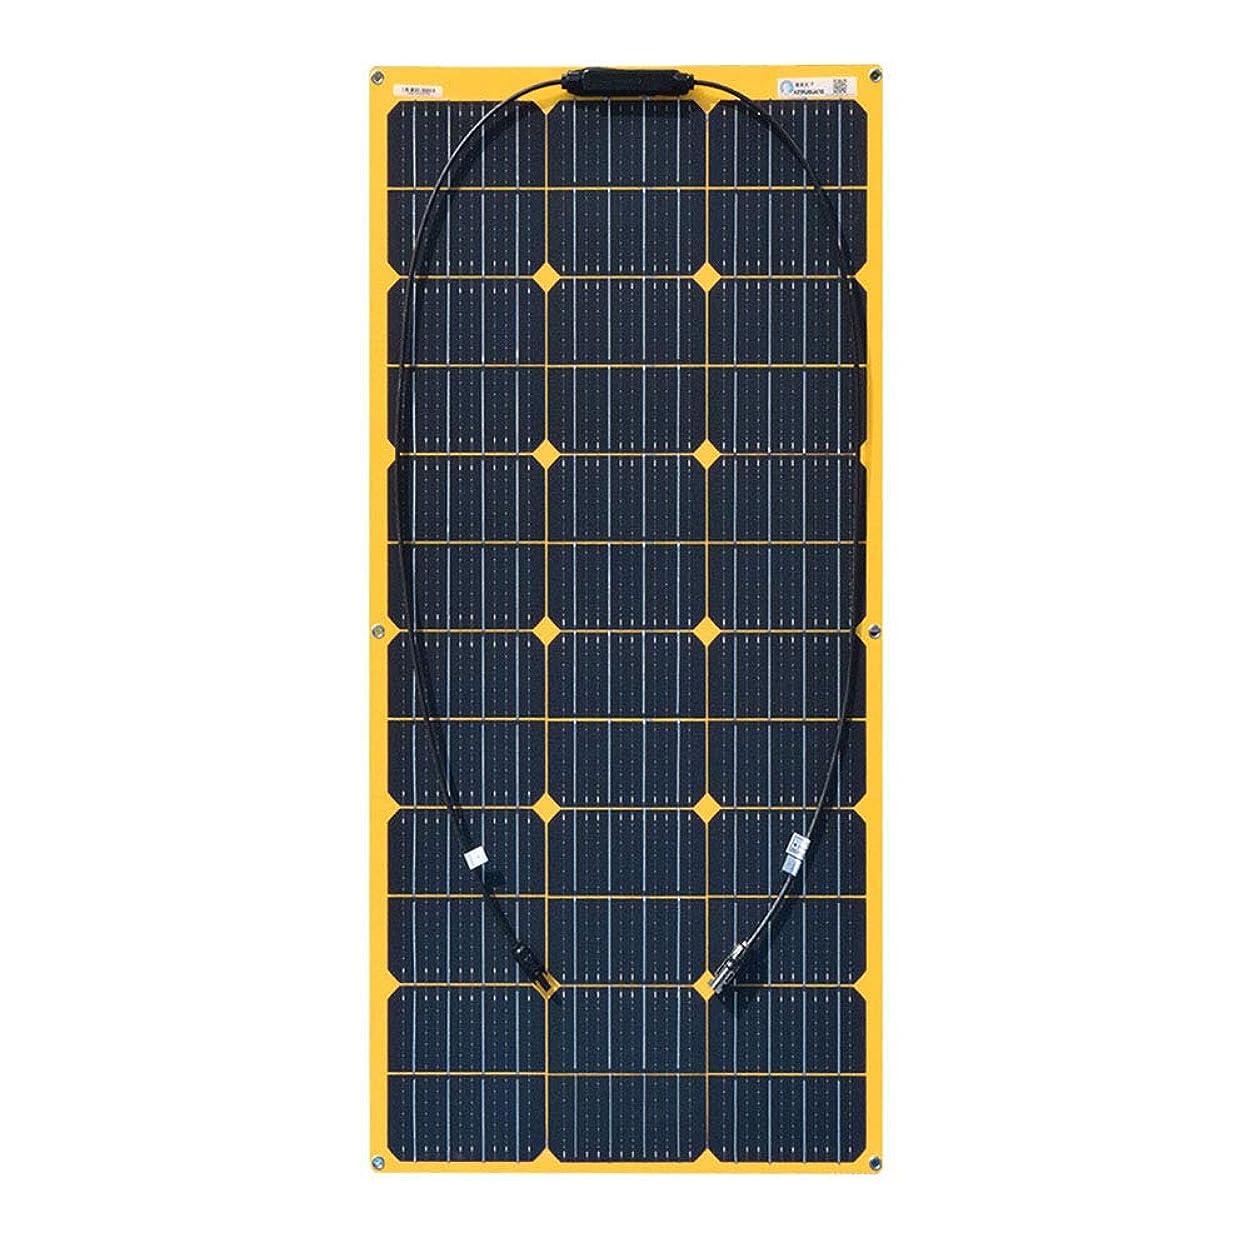 クールセマフォ各100ワット18ボルト多結晶ソーラースターターキット充電コントローラ、RV車、トレーラー、ボート、物置、そしてキャビンつや消しPETイエローバックシート太陽光発電パネル用ブラケット